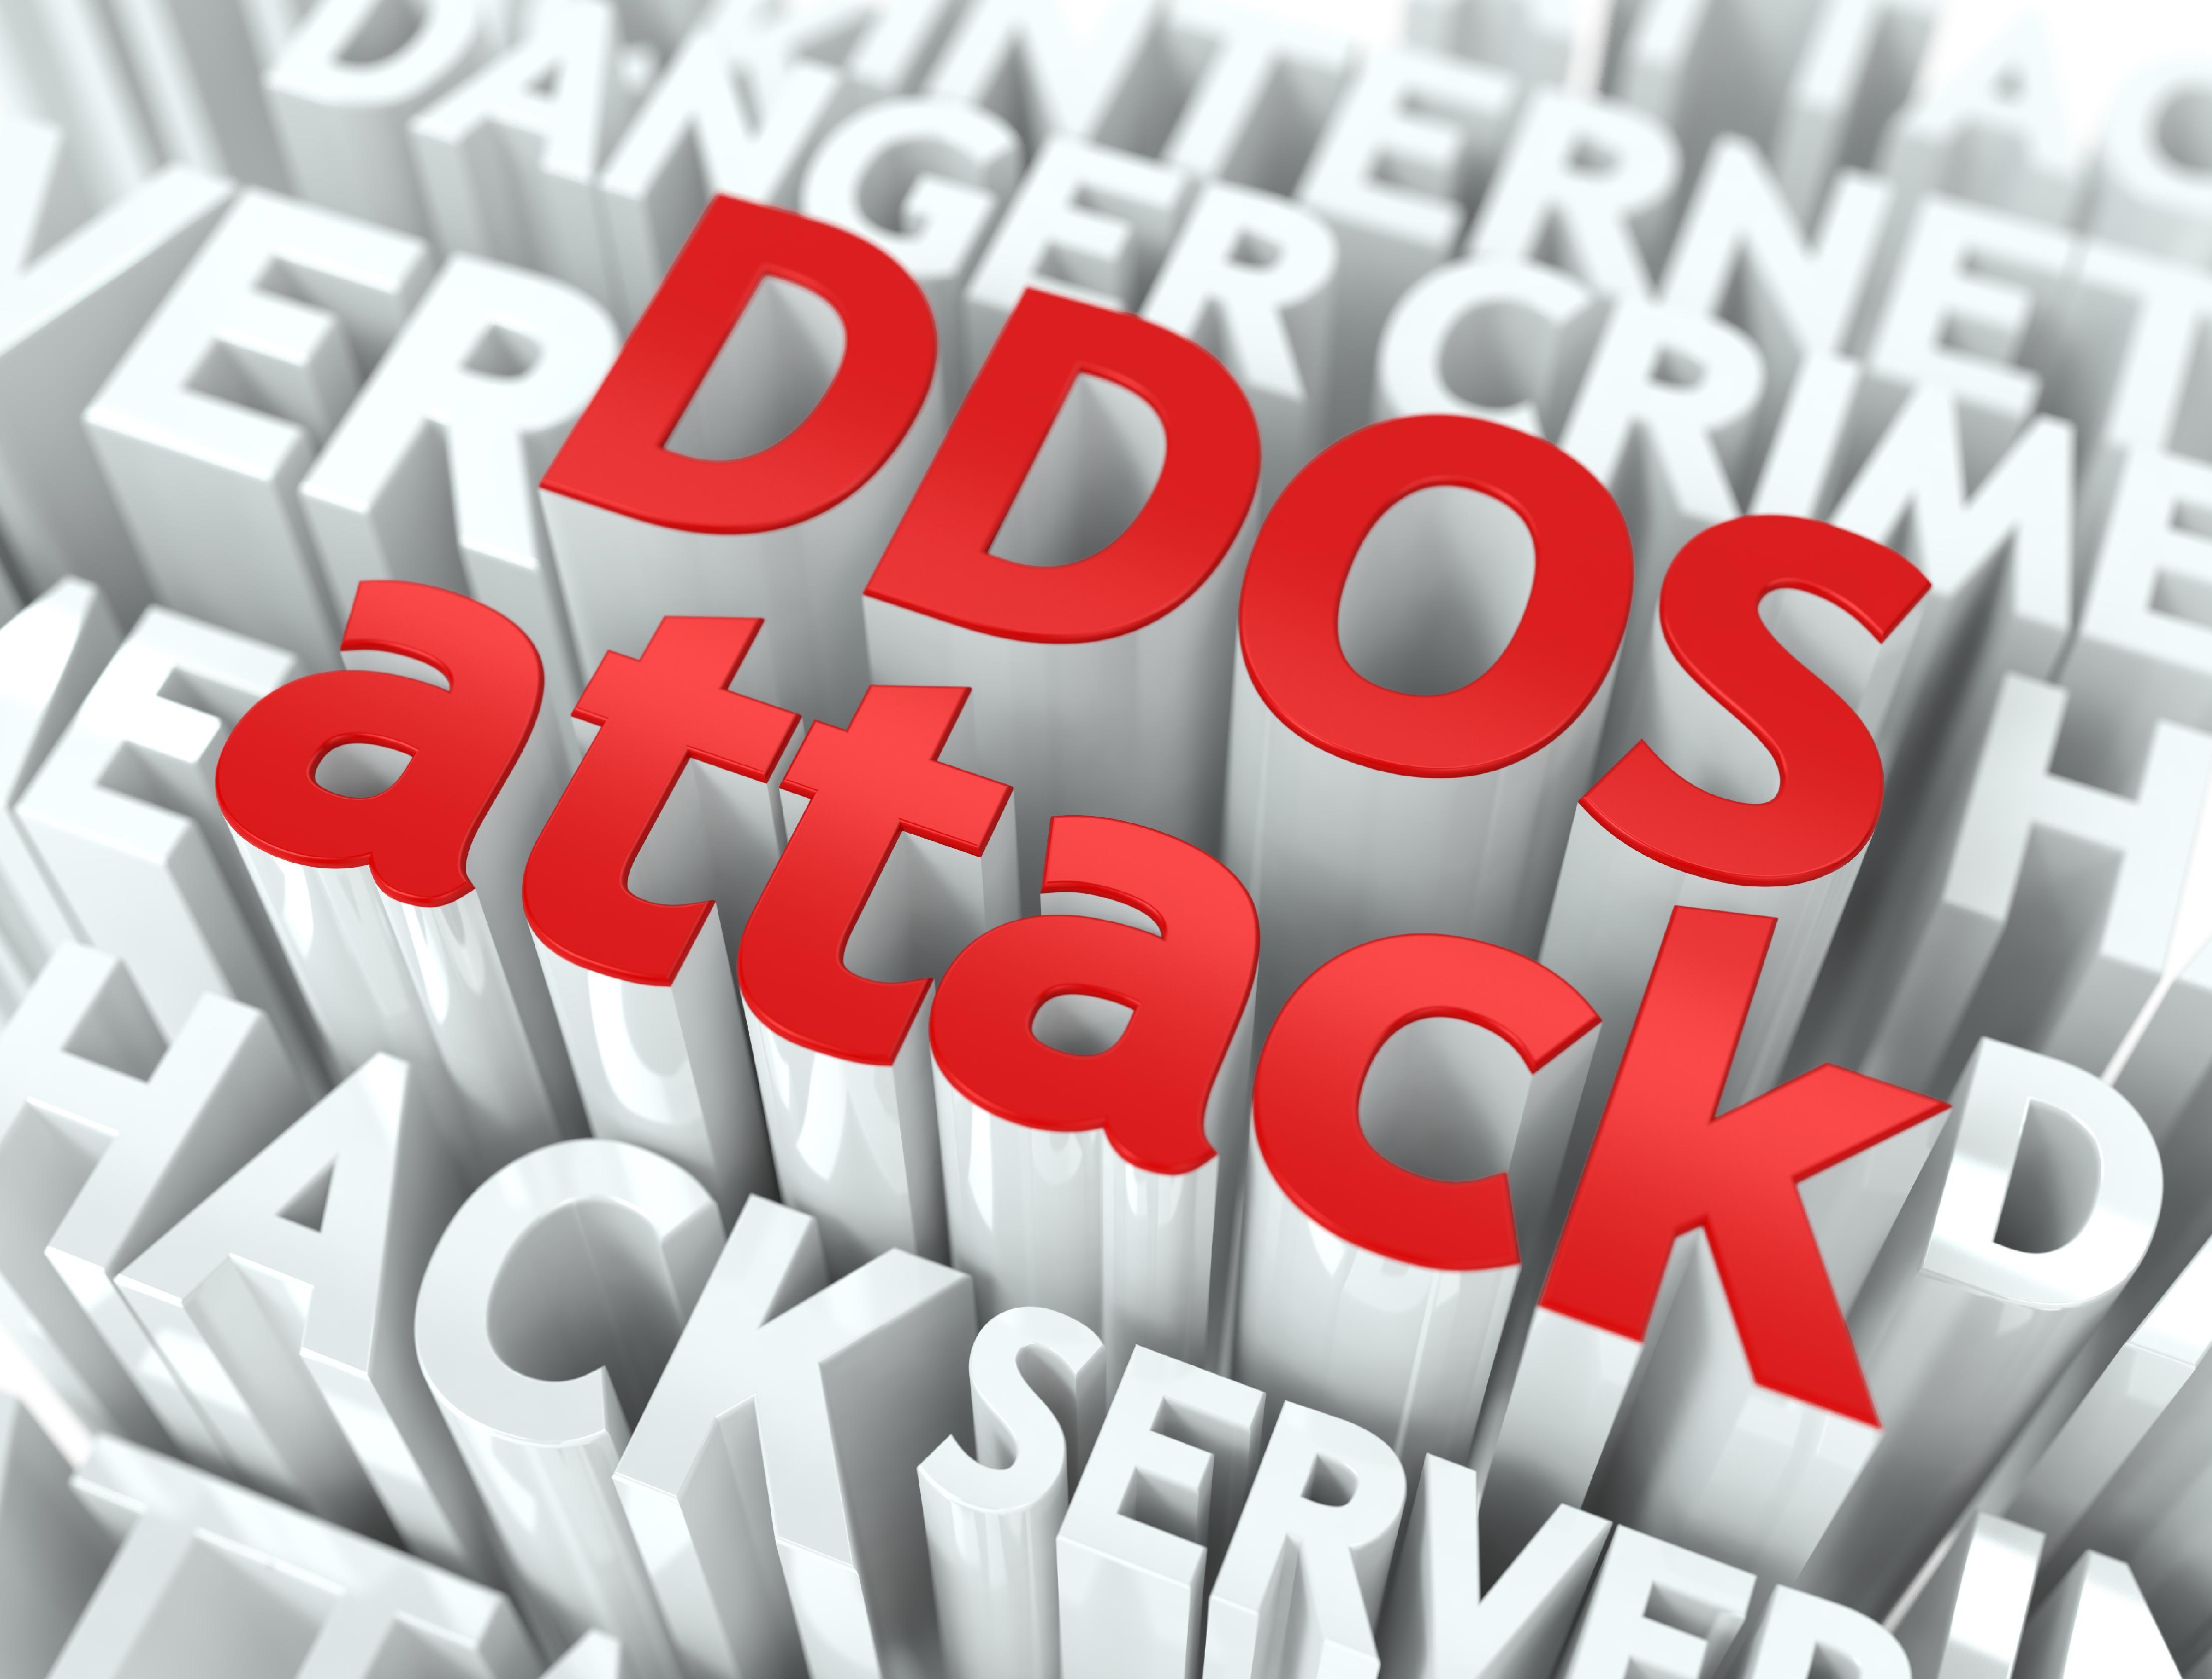 اطلاعات کلی در زمینه ی حملات DDOS (حمله سایبری محروم سازی از سرویس در فضای مجازی)